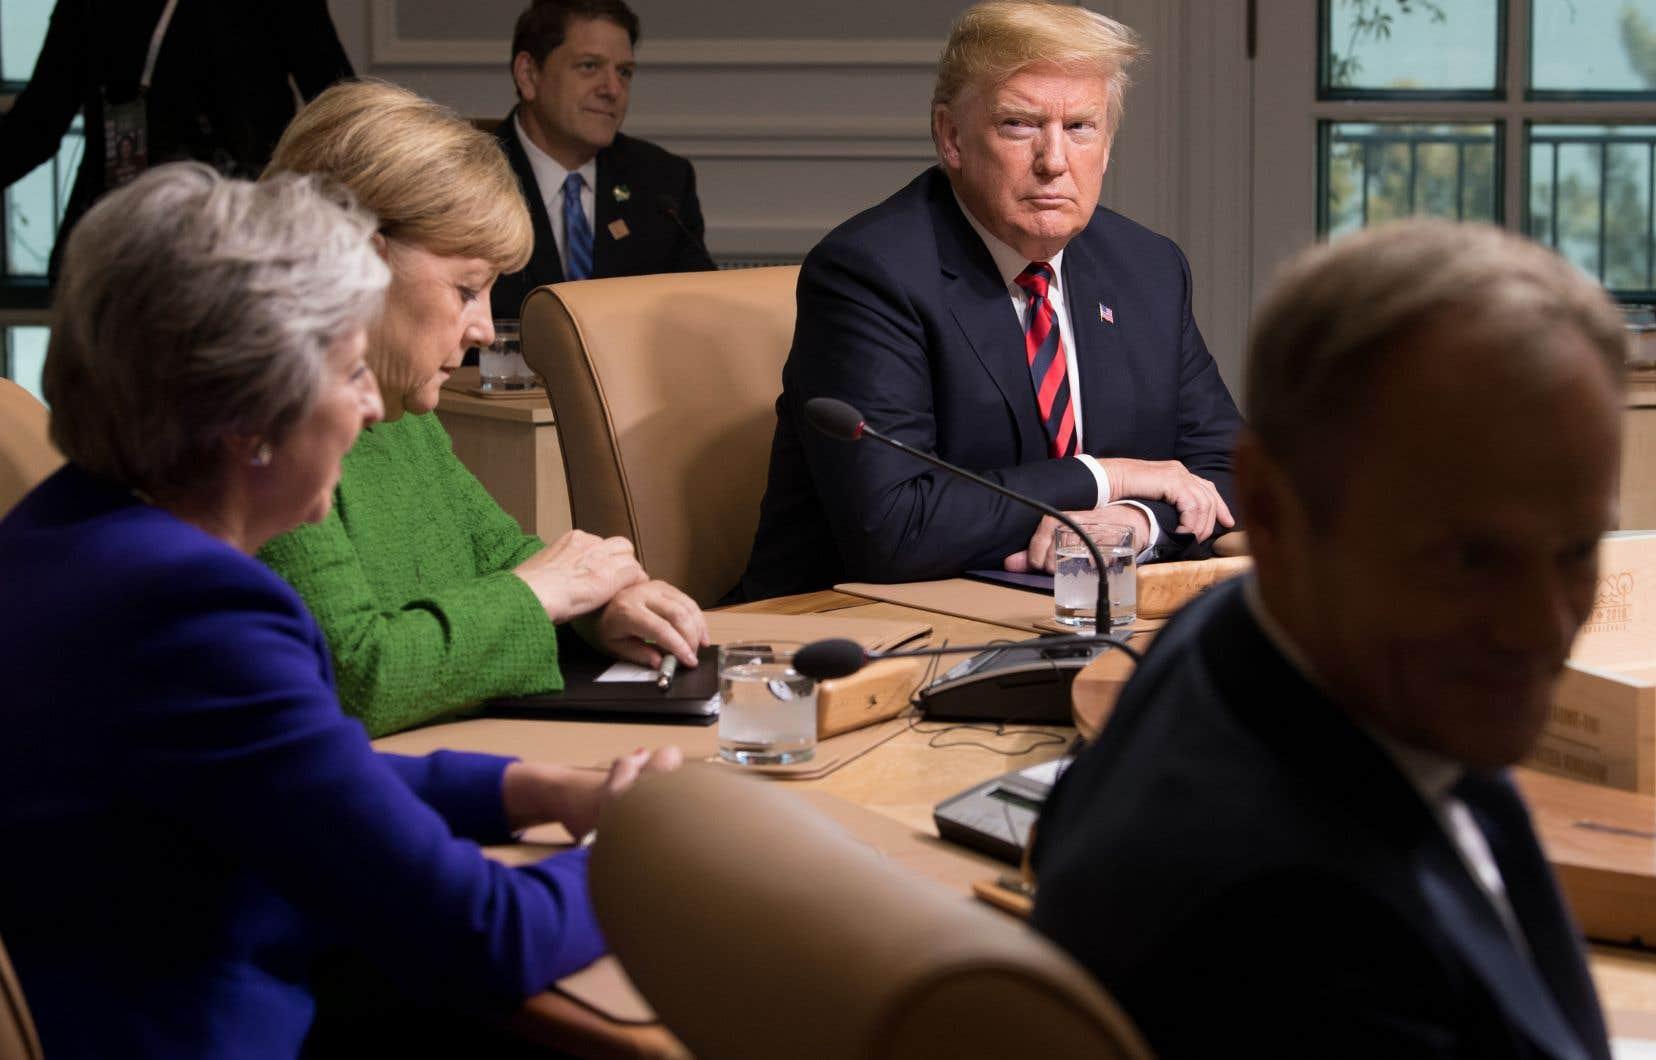 Avant même d'avoir posé le pied au Québec, le président américain, Donald Trump, a promis d'aller dire à ses homologues du G7 leurs quatre vérités sur leurs politiques commerciales injustes à l'égard de son pays.